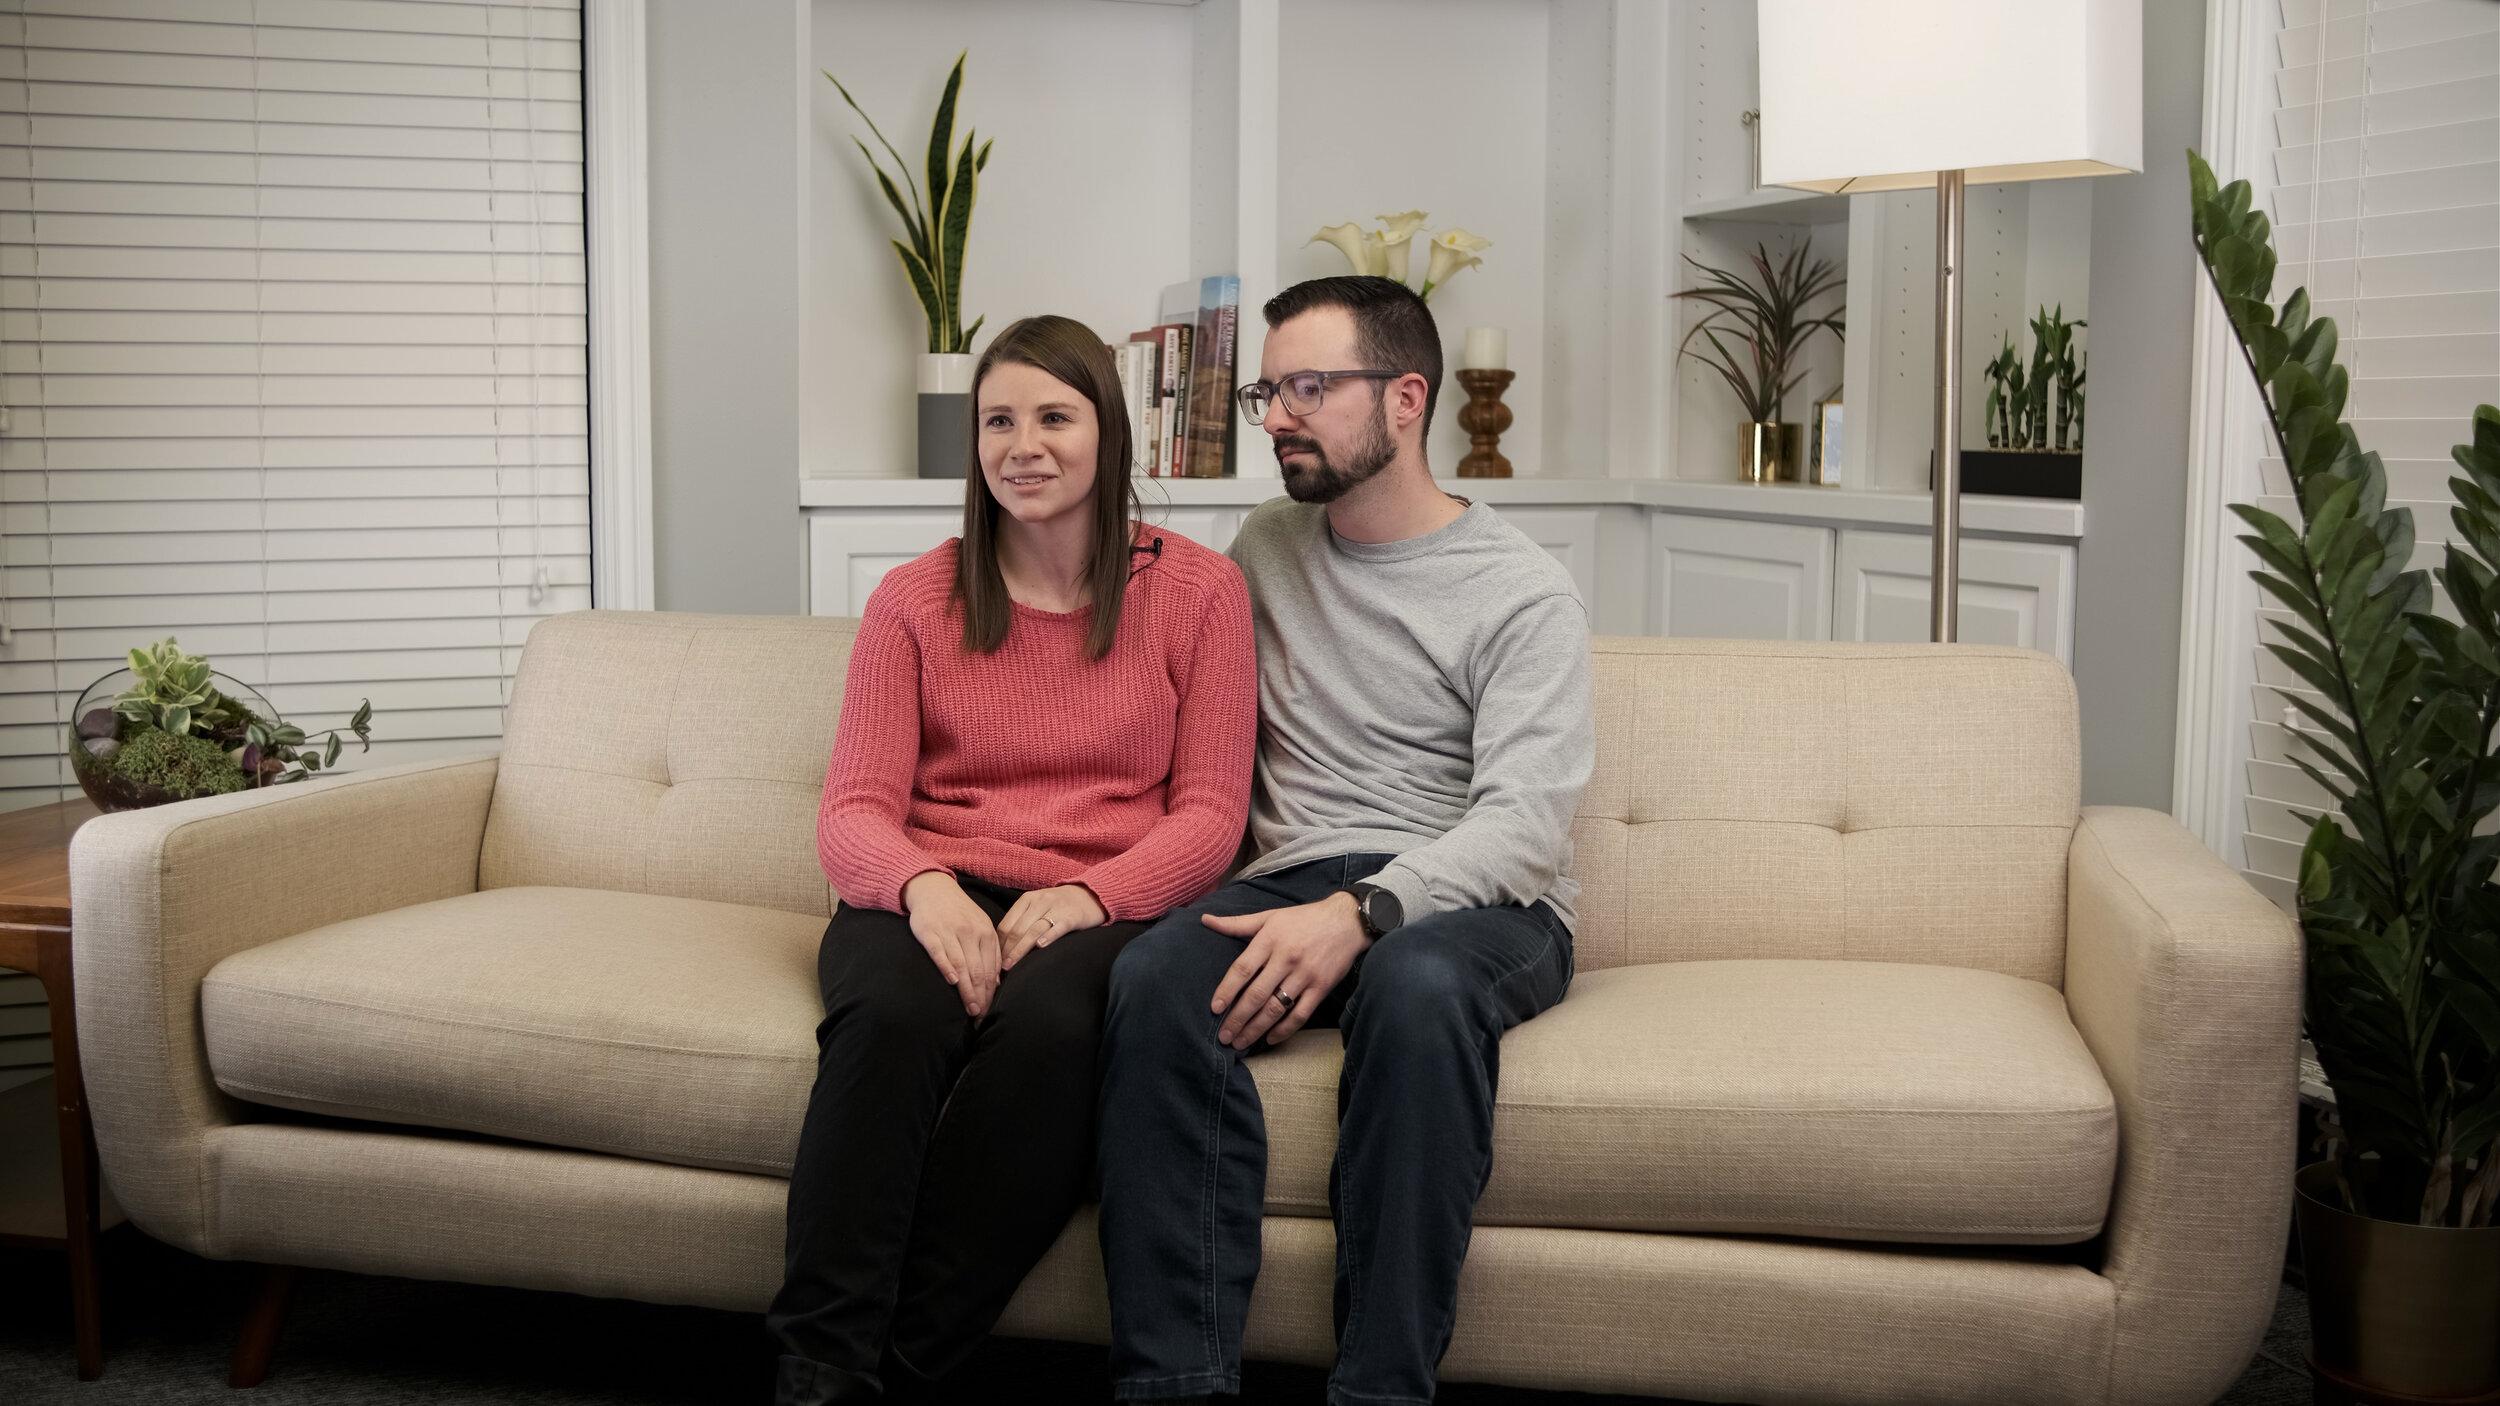 Testimonial Couple